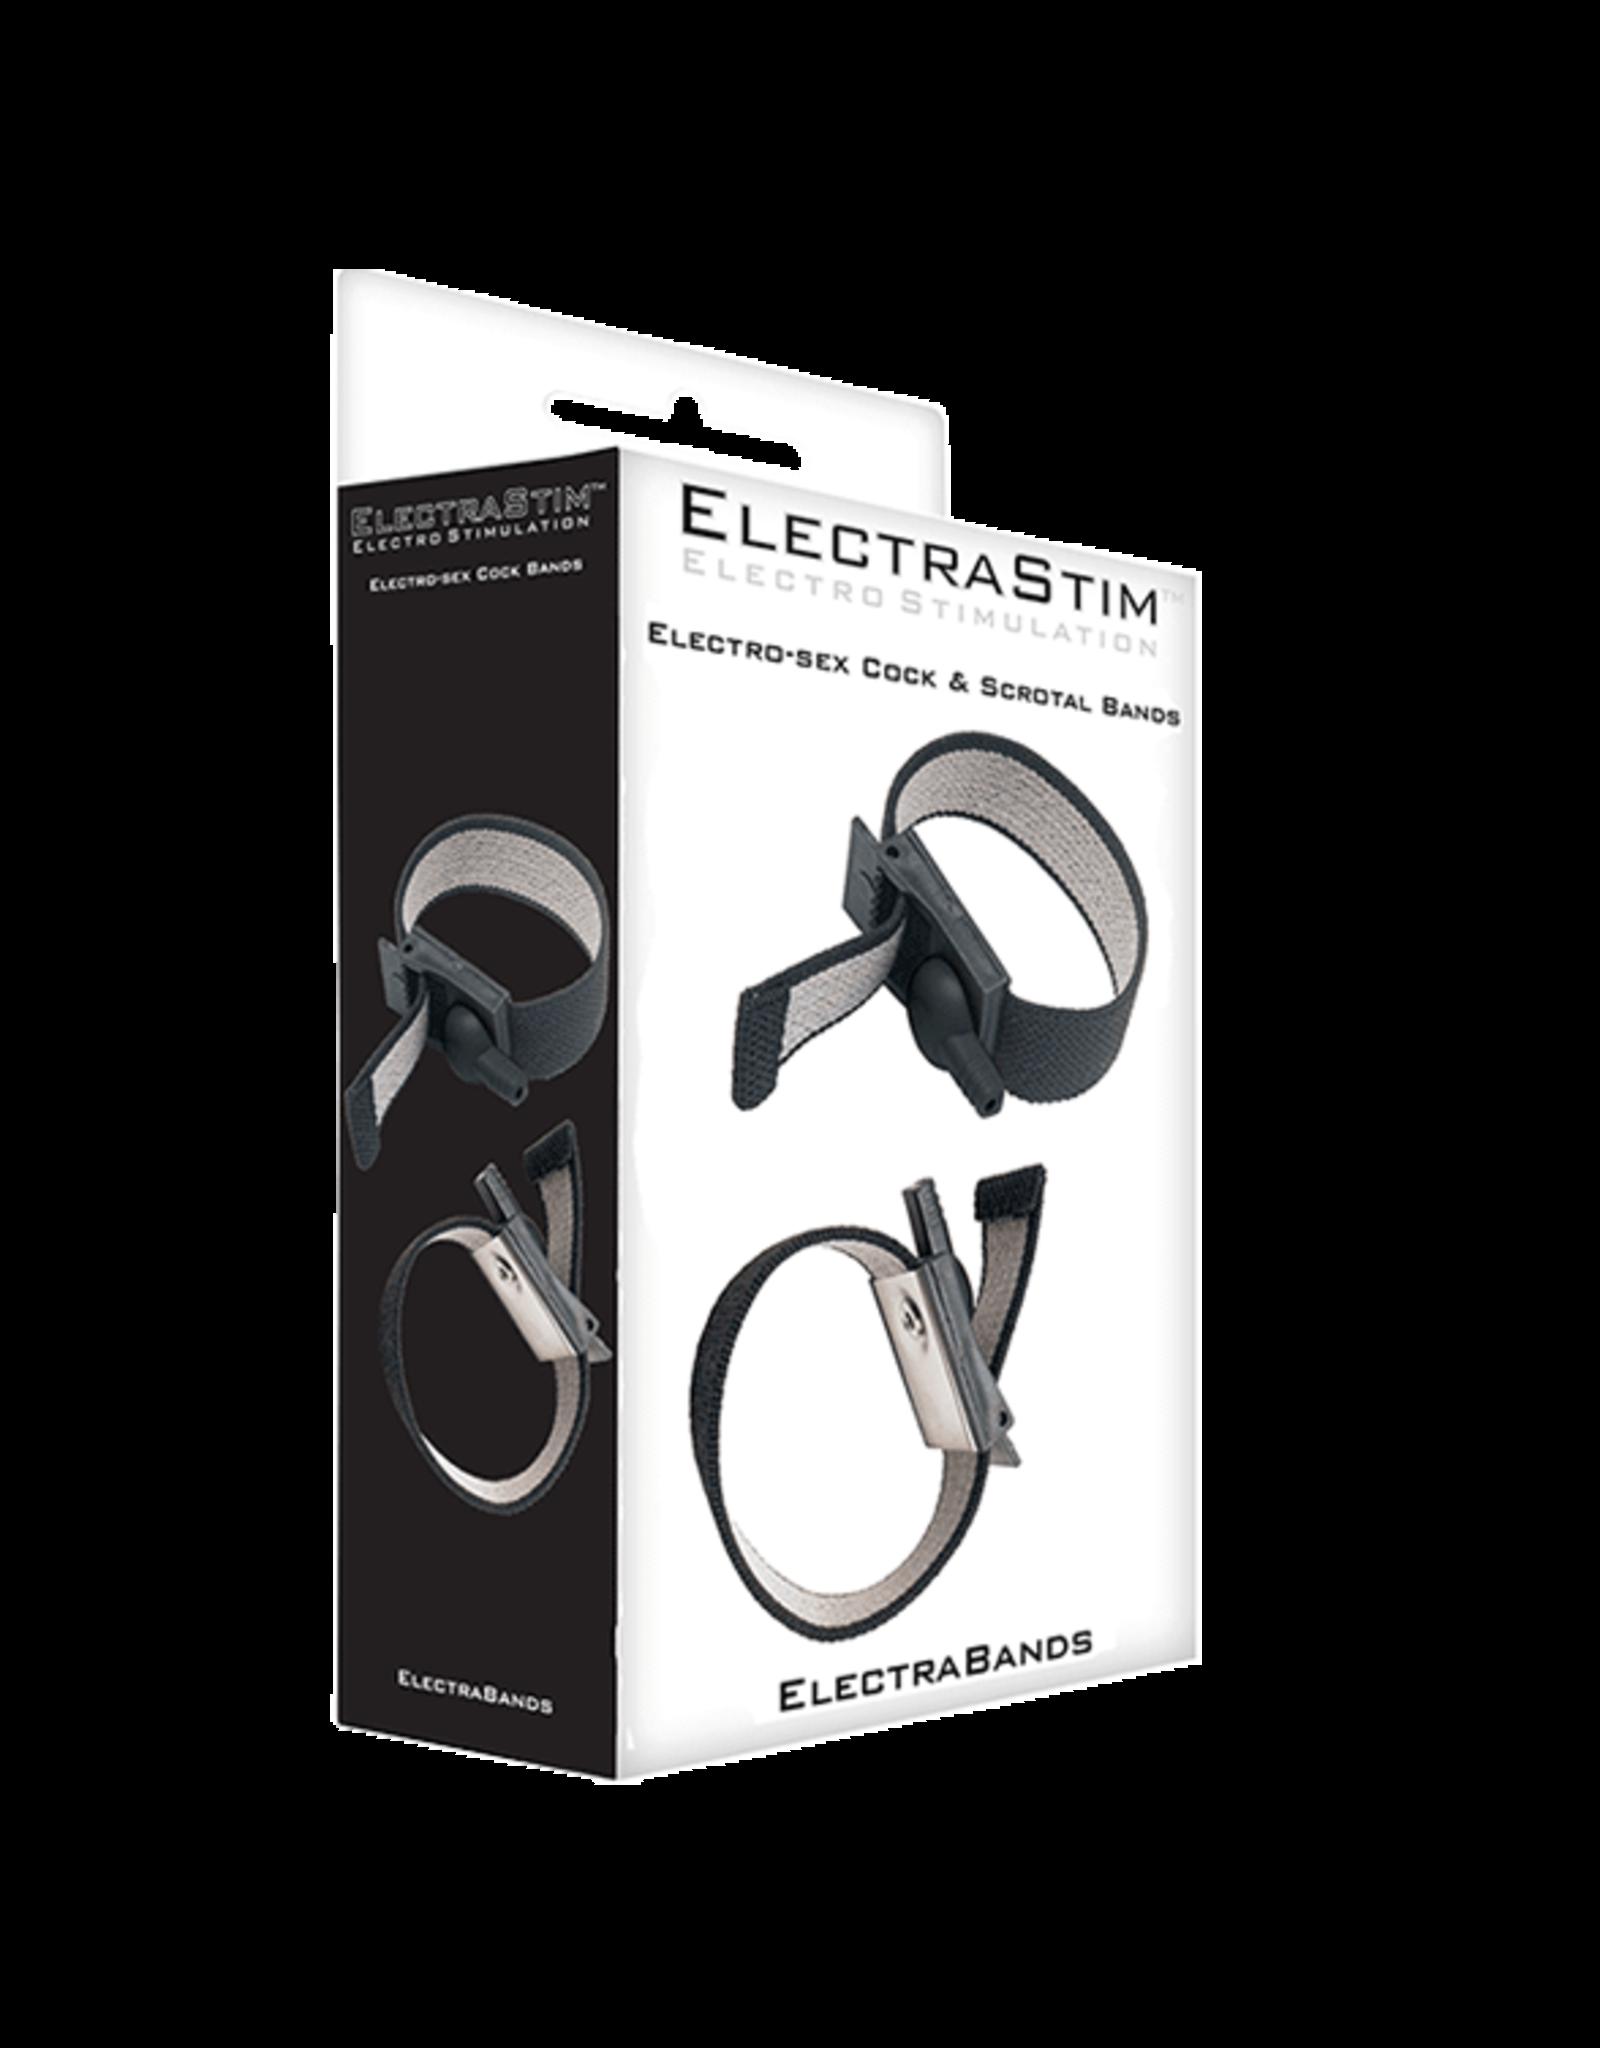 ElectraStim ElectraStim ElectraBands Adjustable Fabric Cock Bands